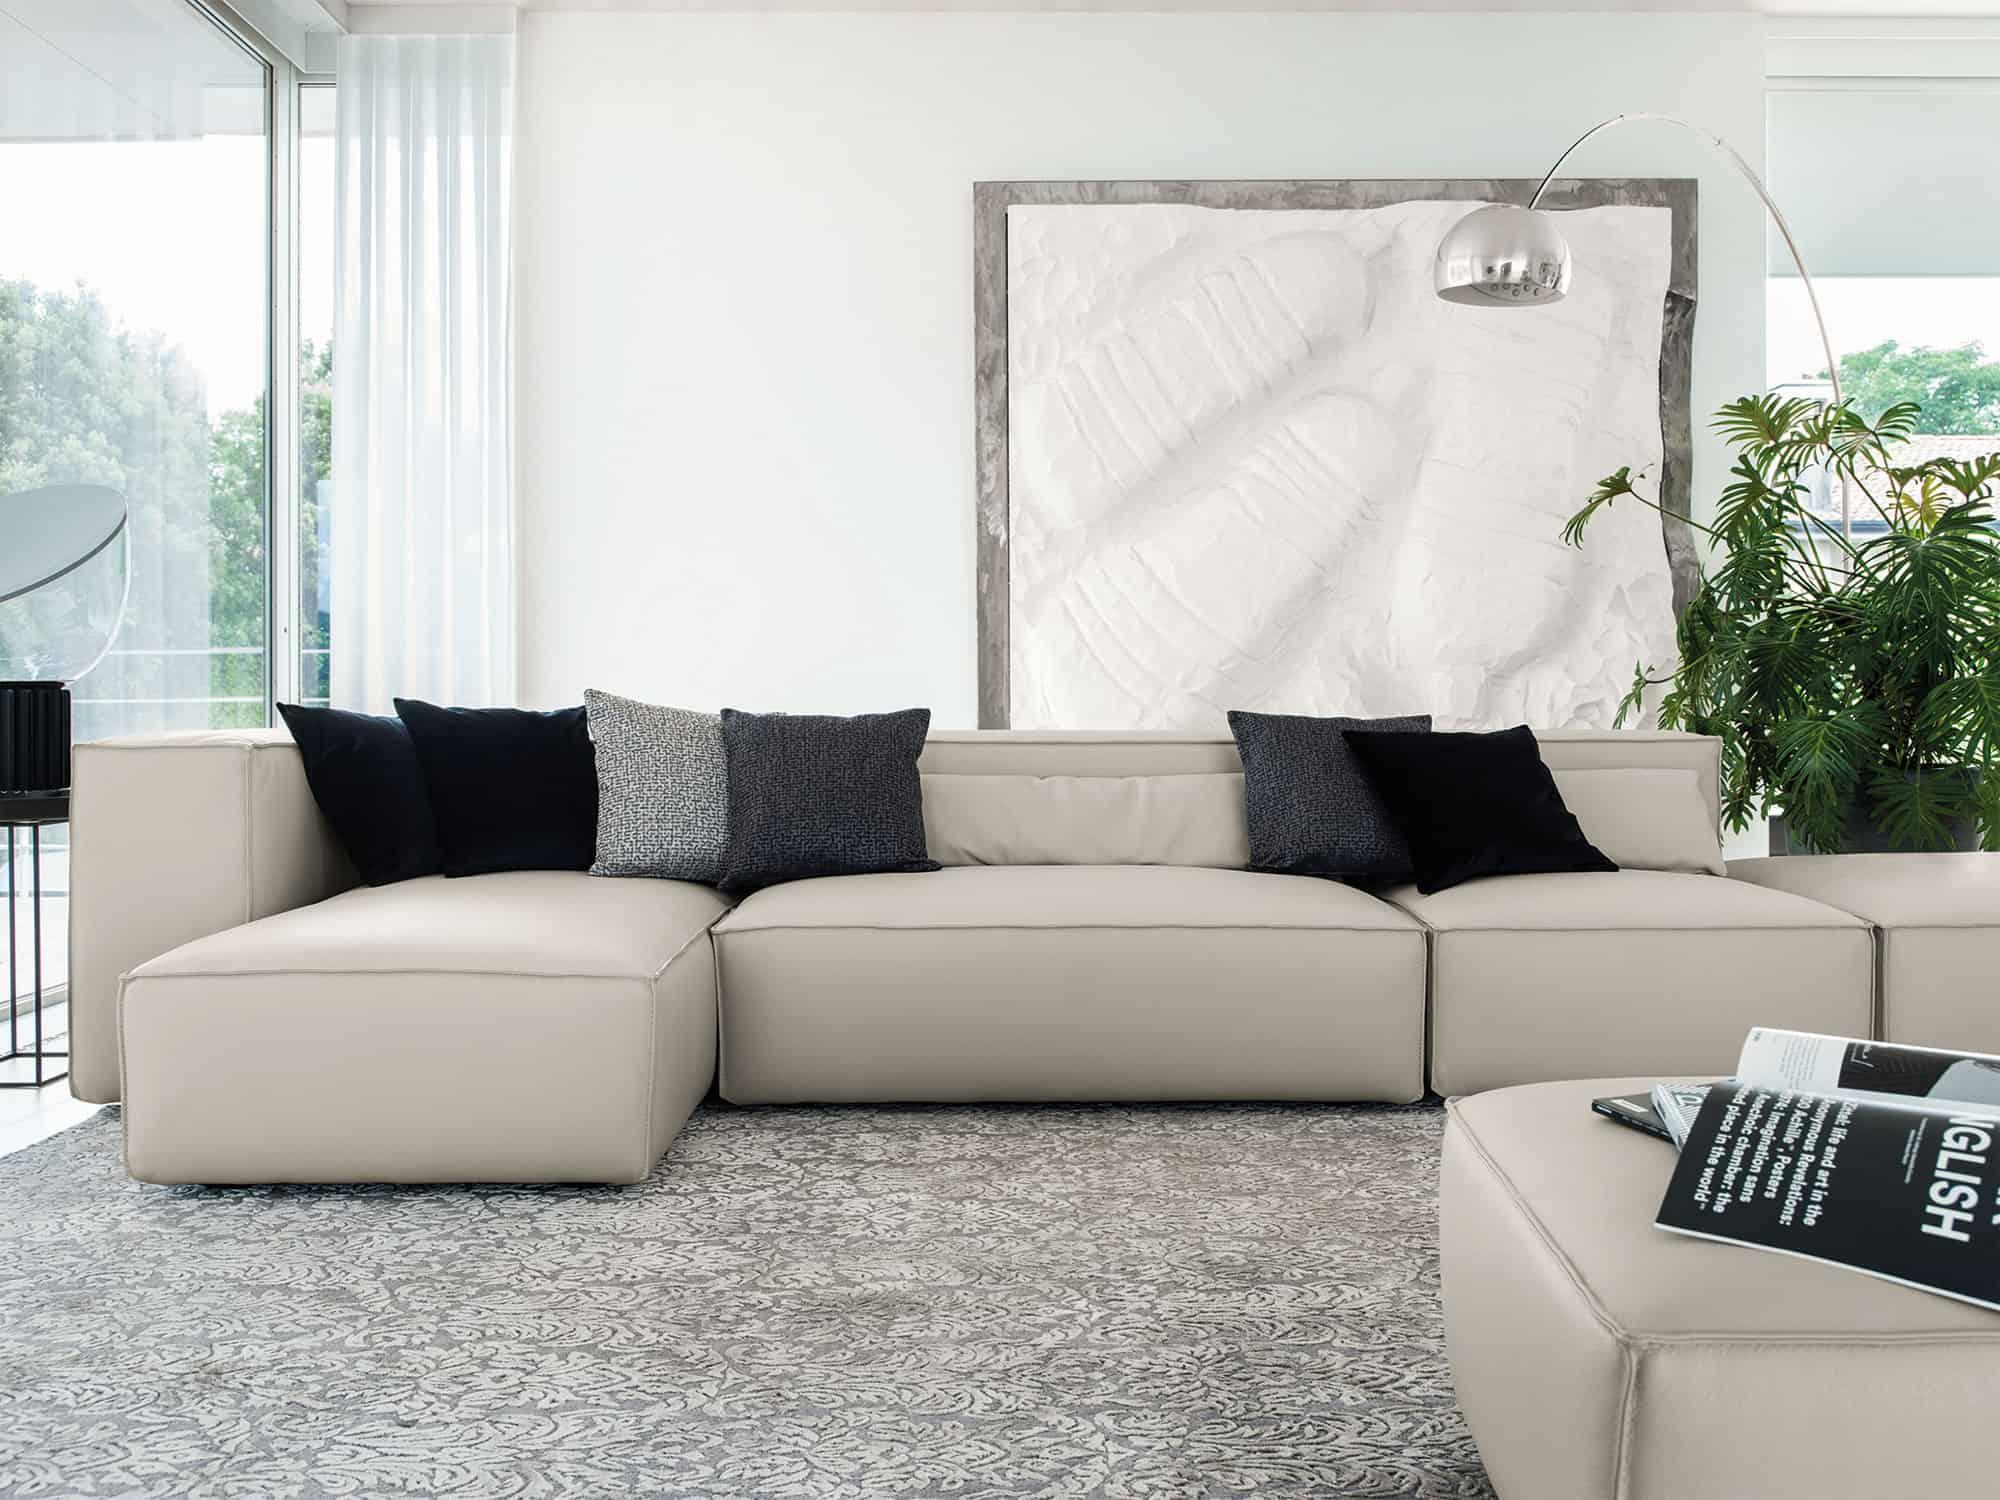 Lido – Sobrio e versatile può essere configurato in base ai tuoi spazi, lasciandoti la libertà di rimodularlo con semplicità – Pelle Venere Nuvola